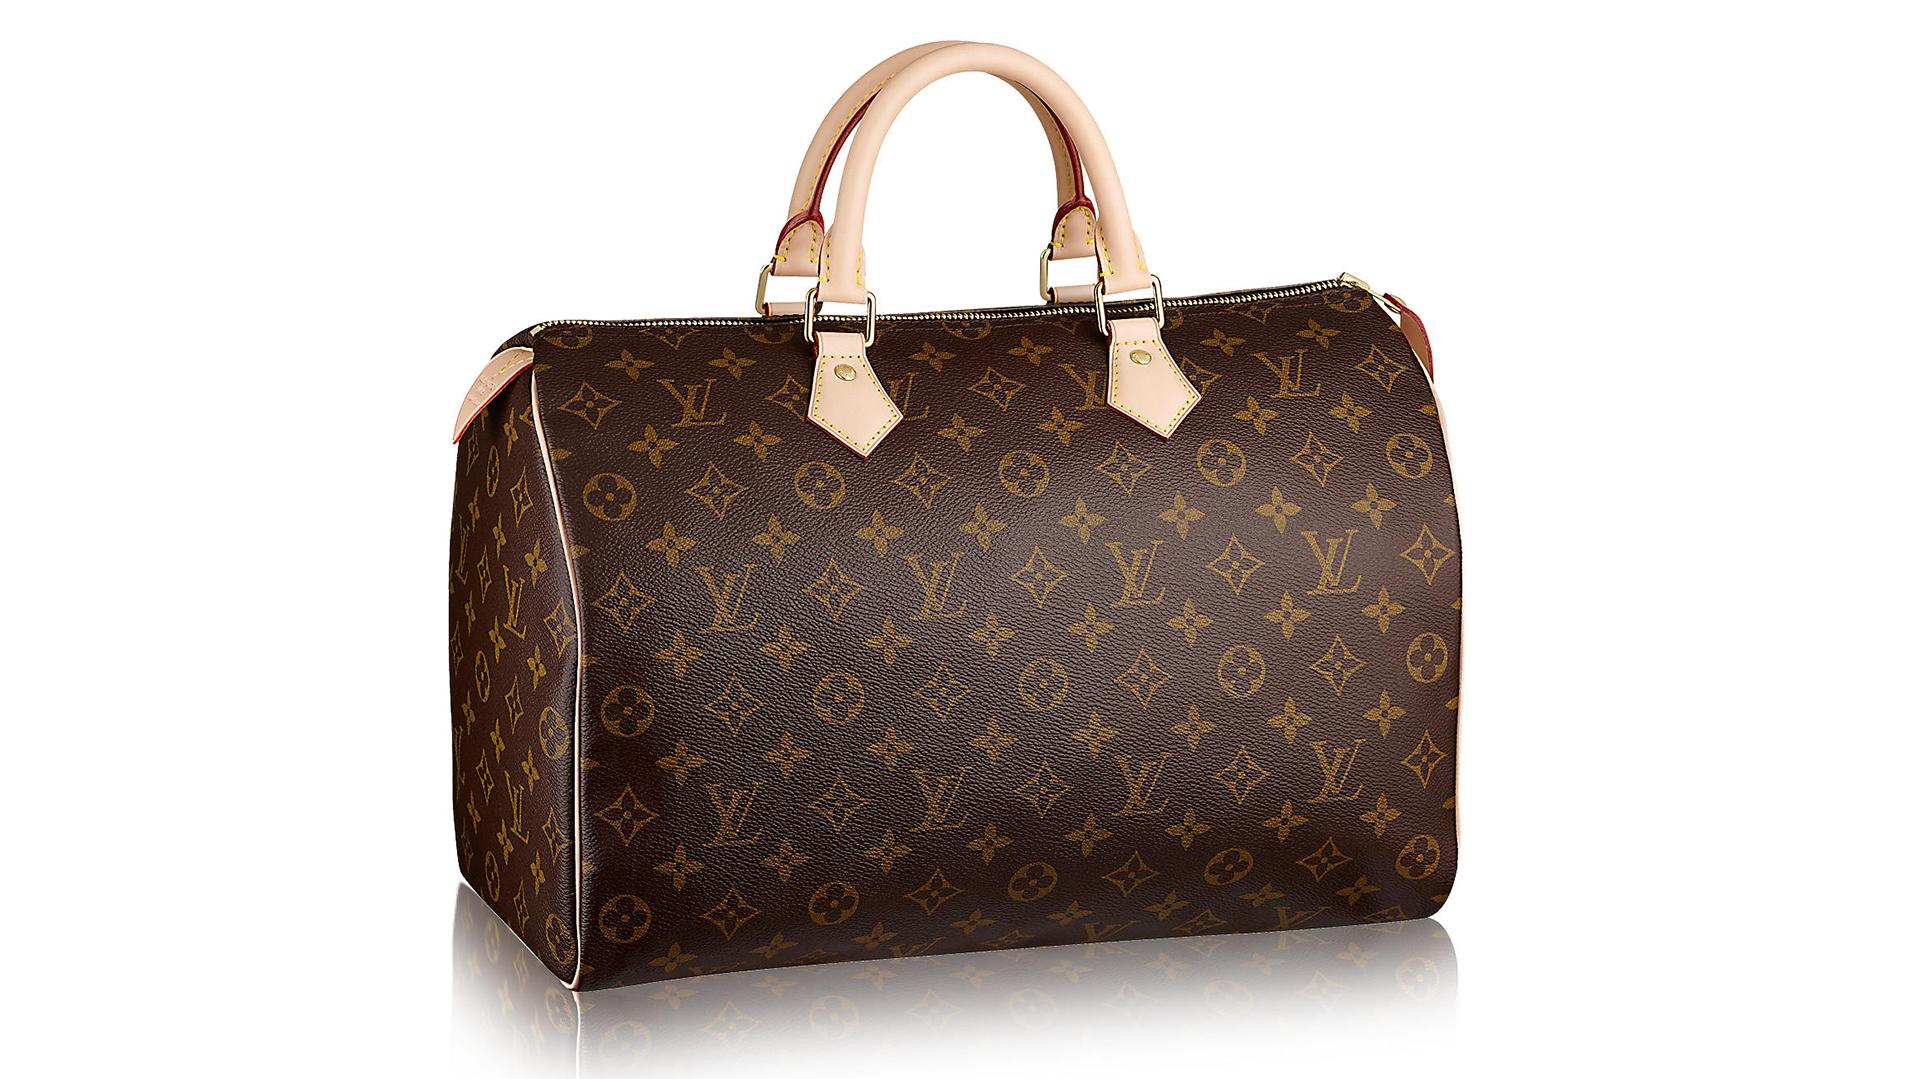 """El """"Speedy"""", otro bolso icónico de Louis Vuitton. Con el cuero característico del monogramy las letras del logotipo de la marca en dorado. Viene en otros tamaños y opciones con correas para transformarlas en bandoleras."""